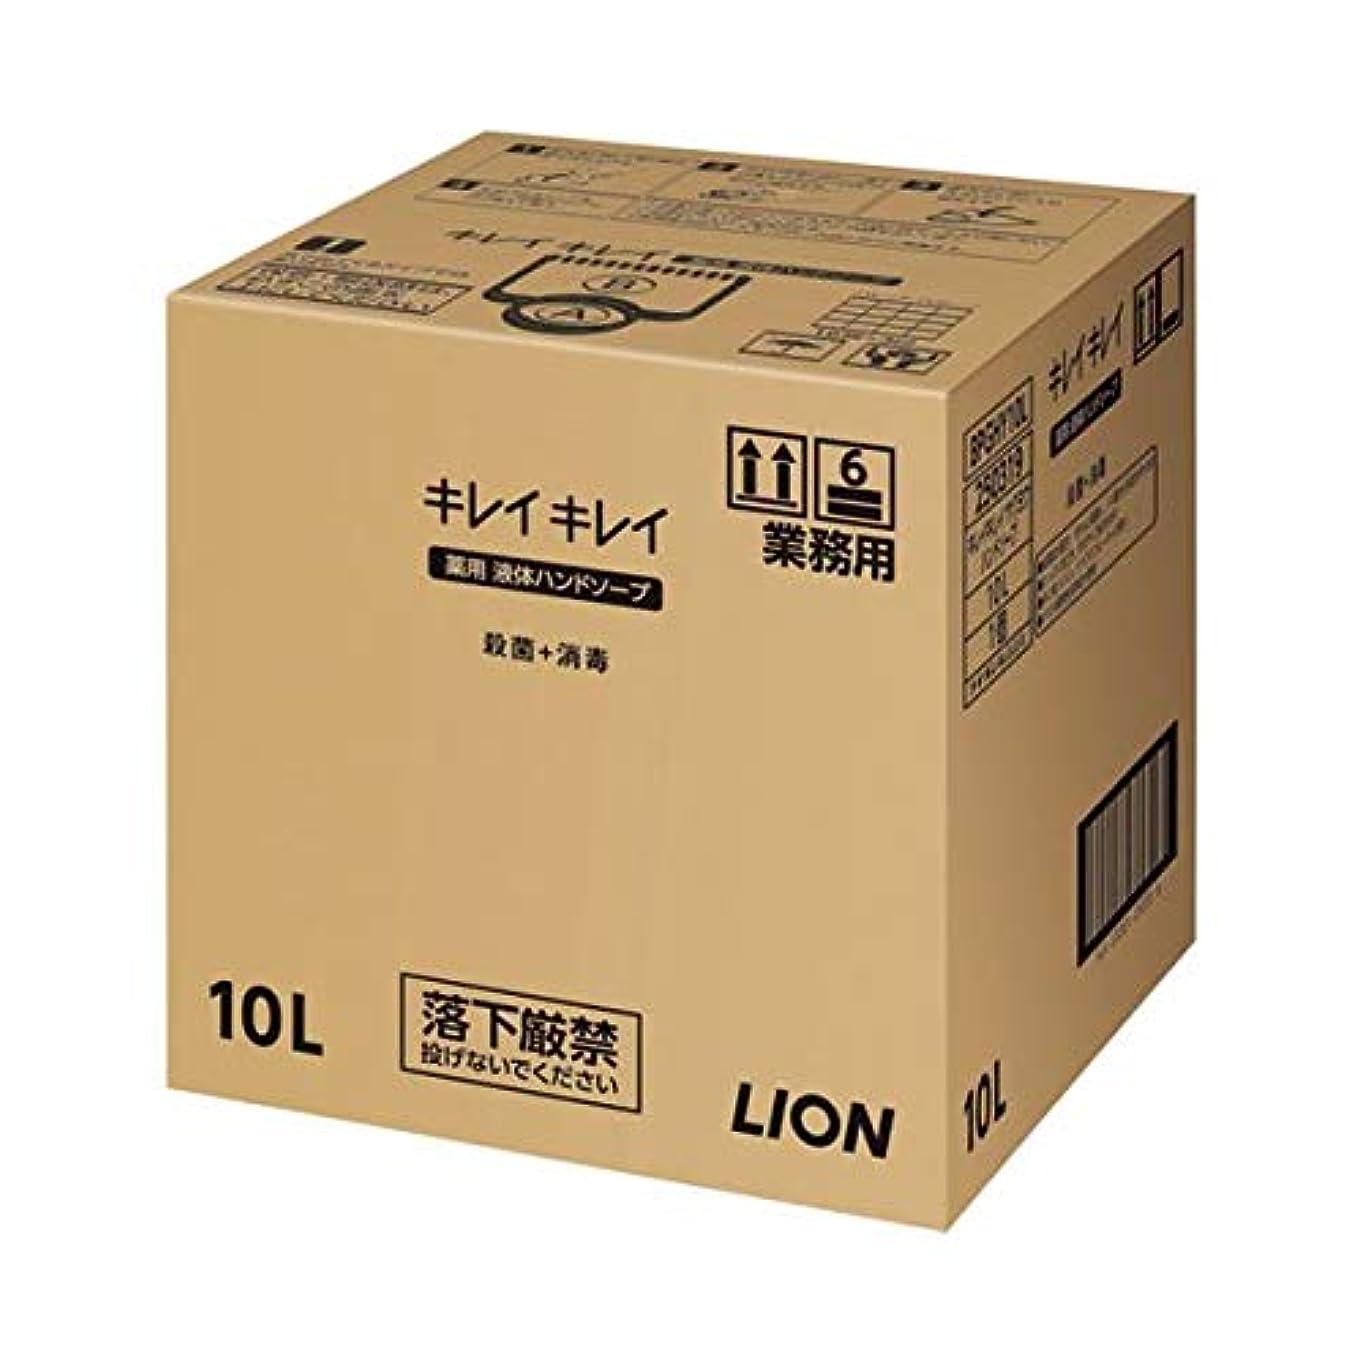 アルプス愛国的な永久にライオン キレイキレイ 薬用ハンドソープ 10L ダイエット 健康 衛生用品 ハンドソープ 14067381 [並行輸入品]